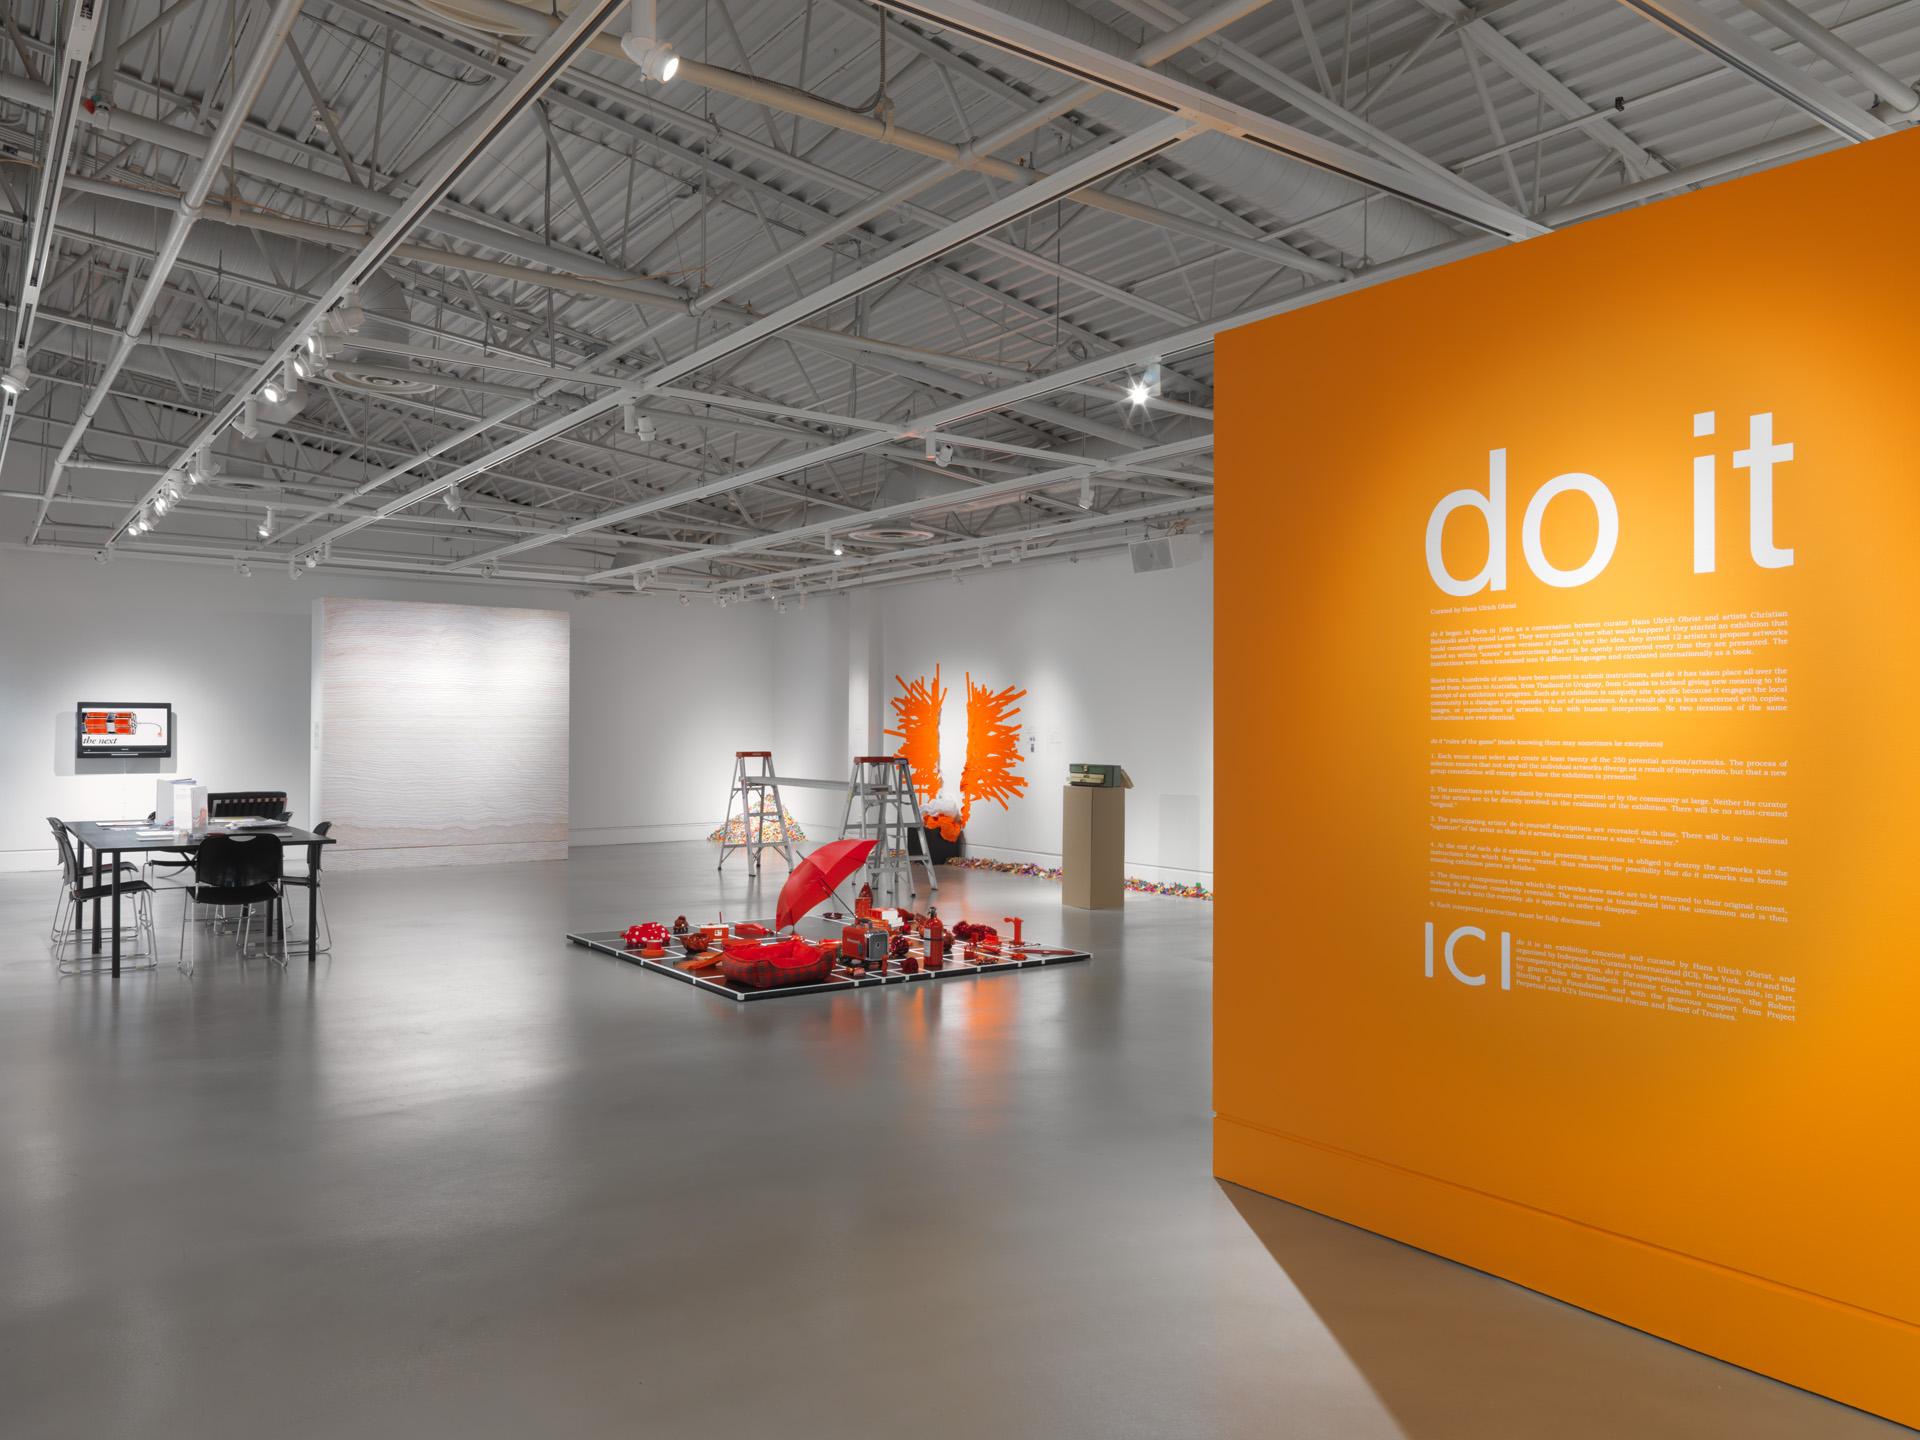 Exhibition D View : View of the exhibition u cmaquettes d étude part iiu d yona friedman